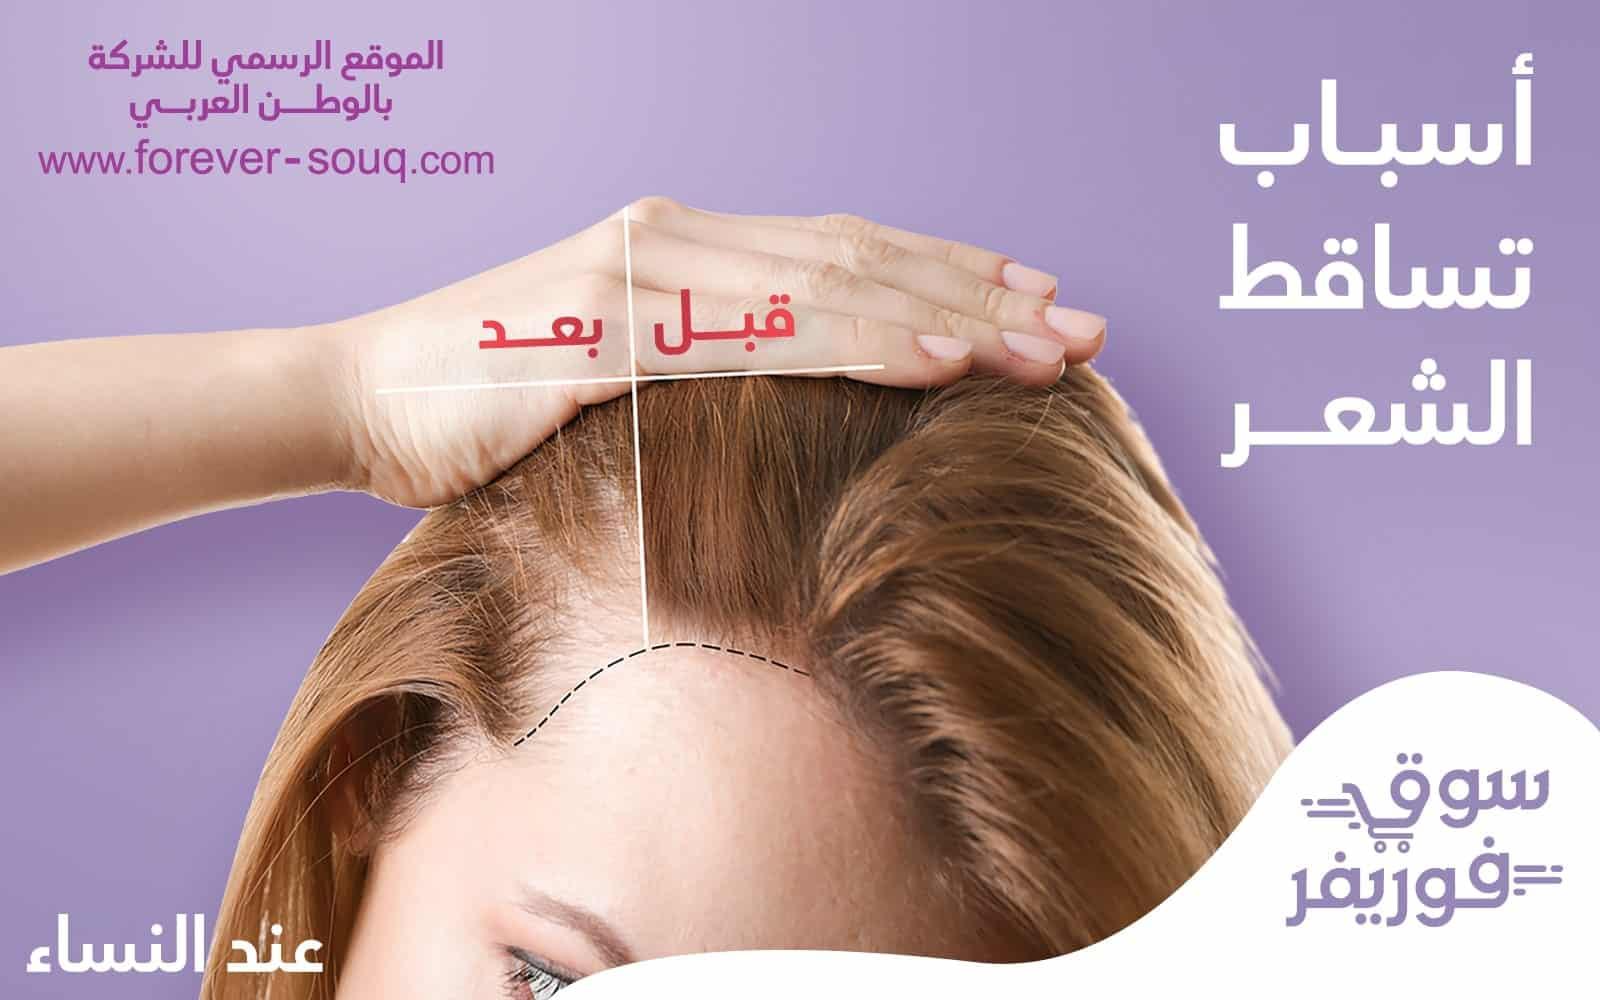 اسباب تساقط -تعرف على أسباب تساقط الشعر الشديد الشعر عند النساء